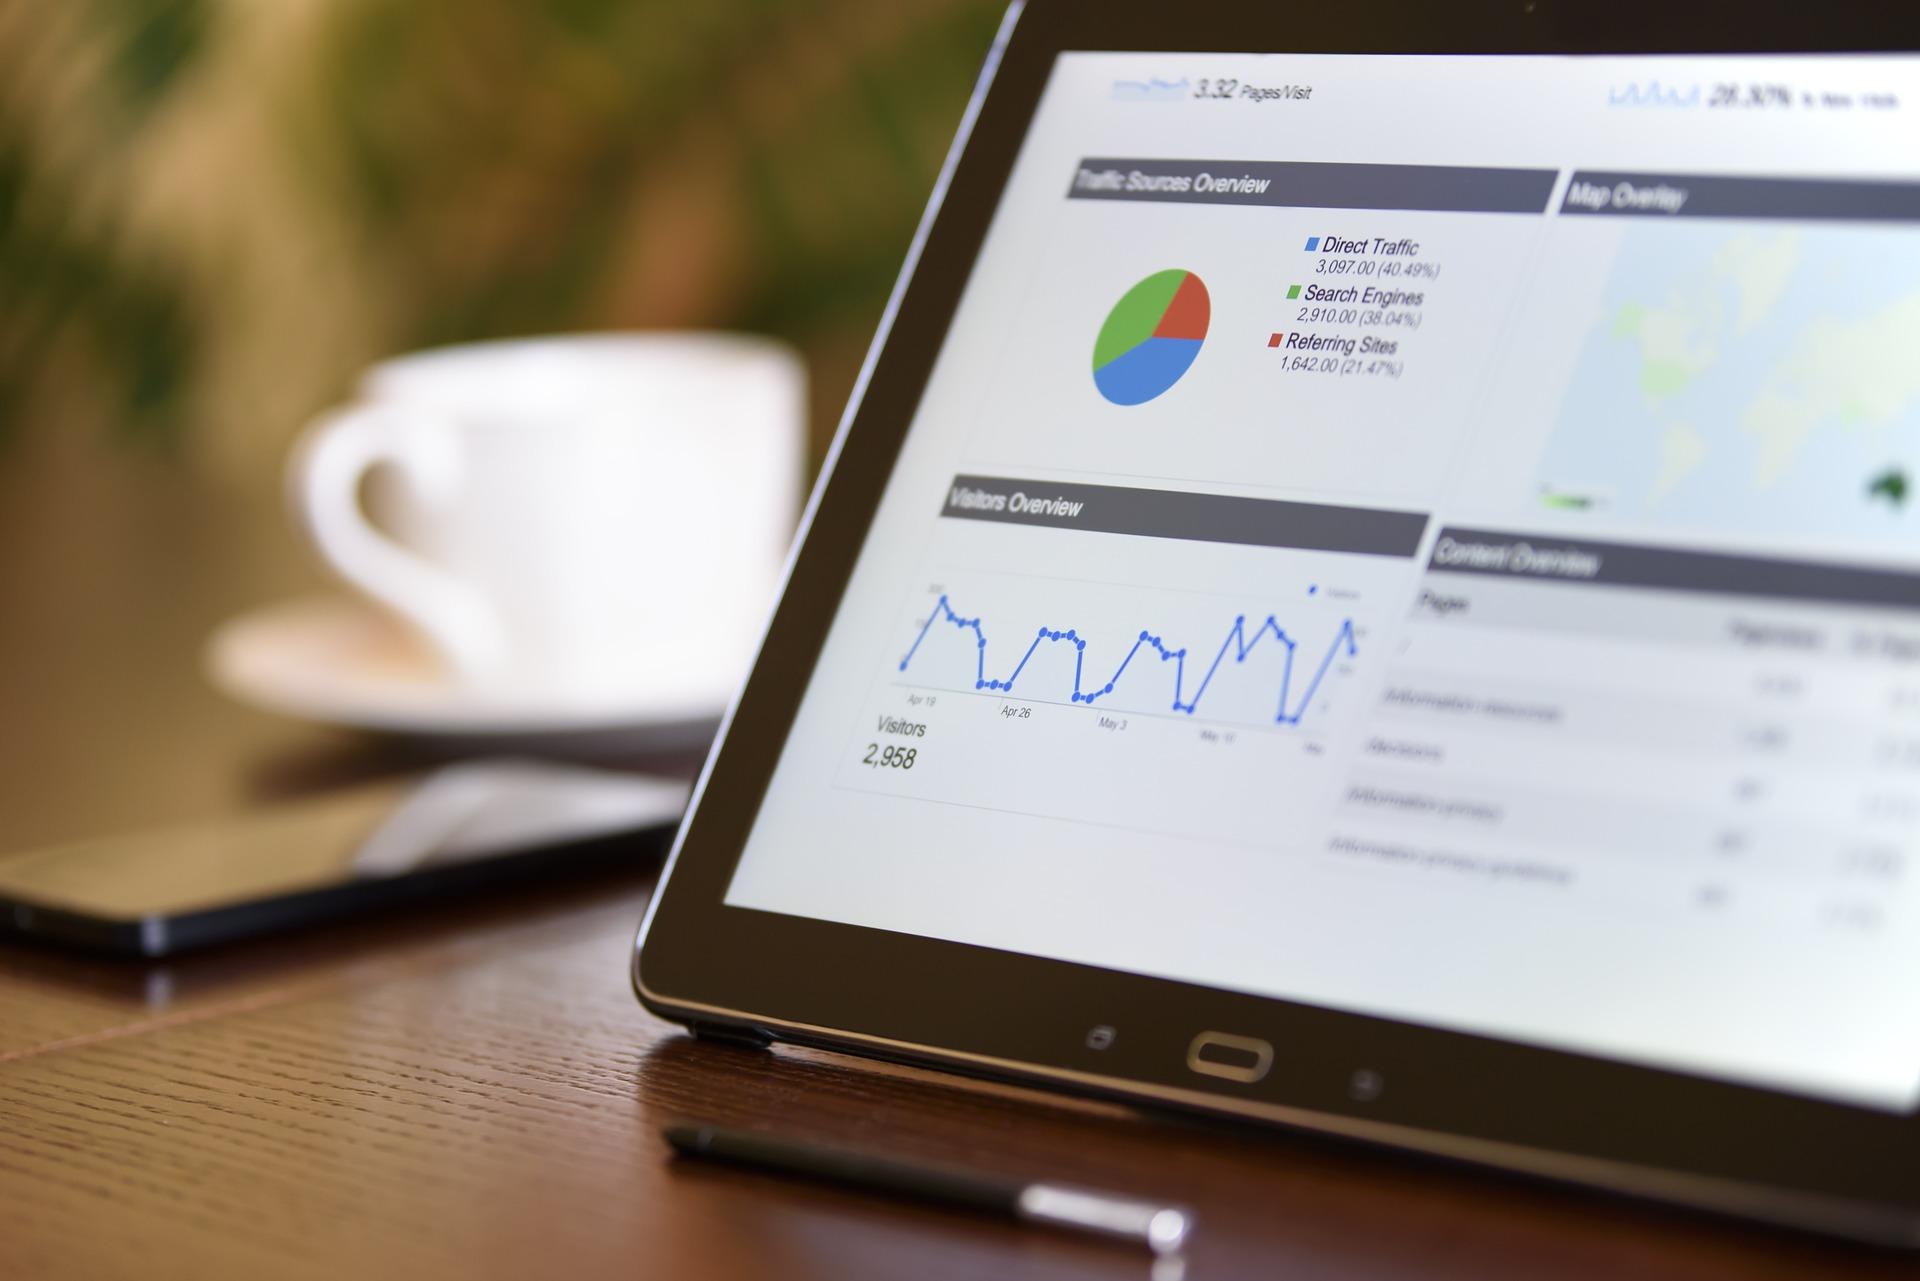 Znaczenia pomiarów wewspółczesnym marketingu